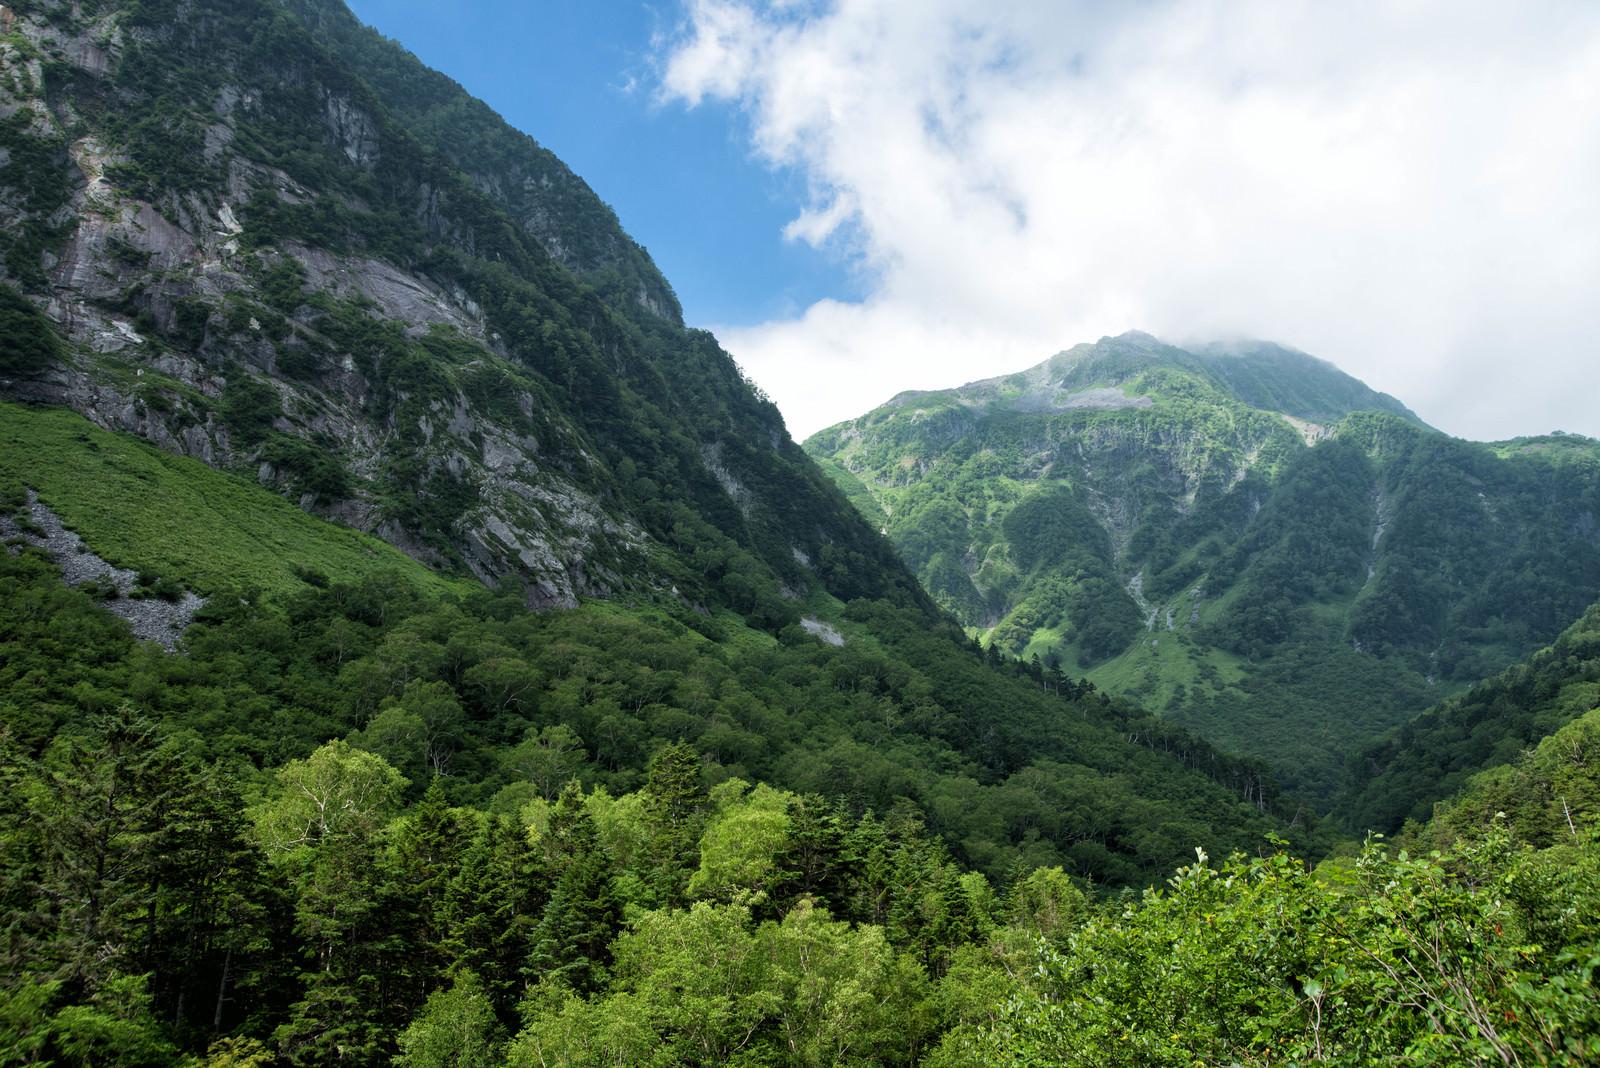 「新緑の美しい本谷と北穂高岳(北アルプス)」の写真